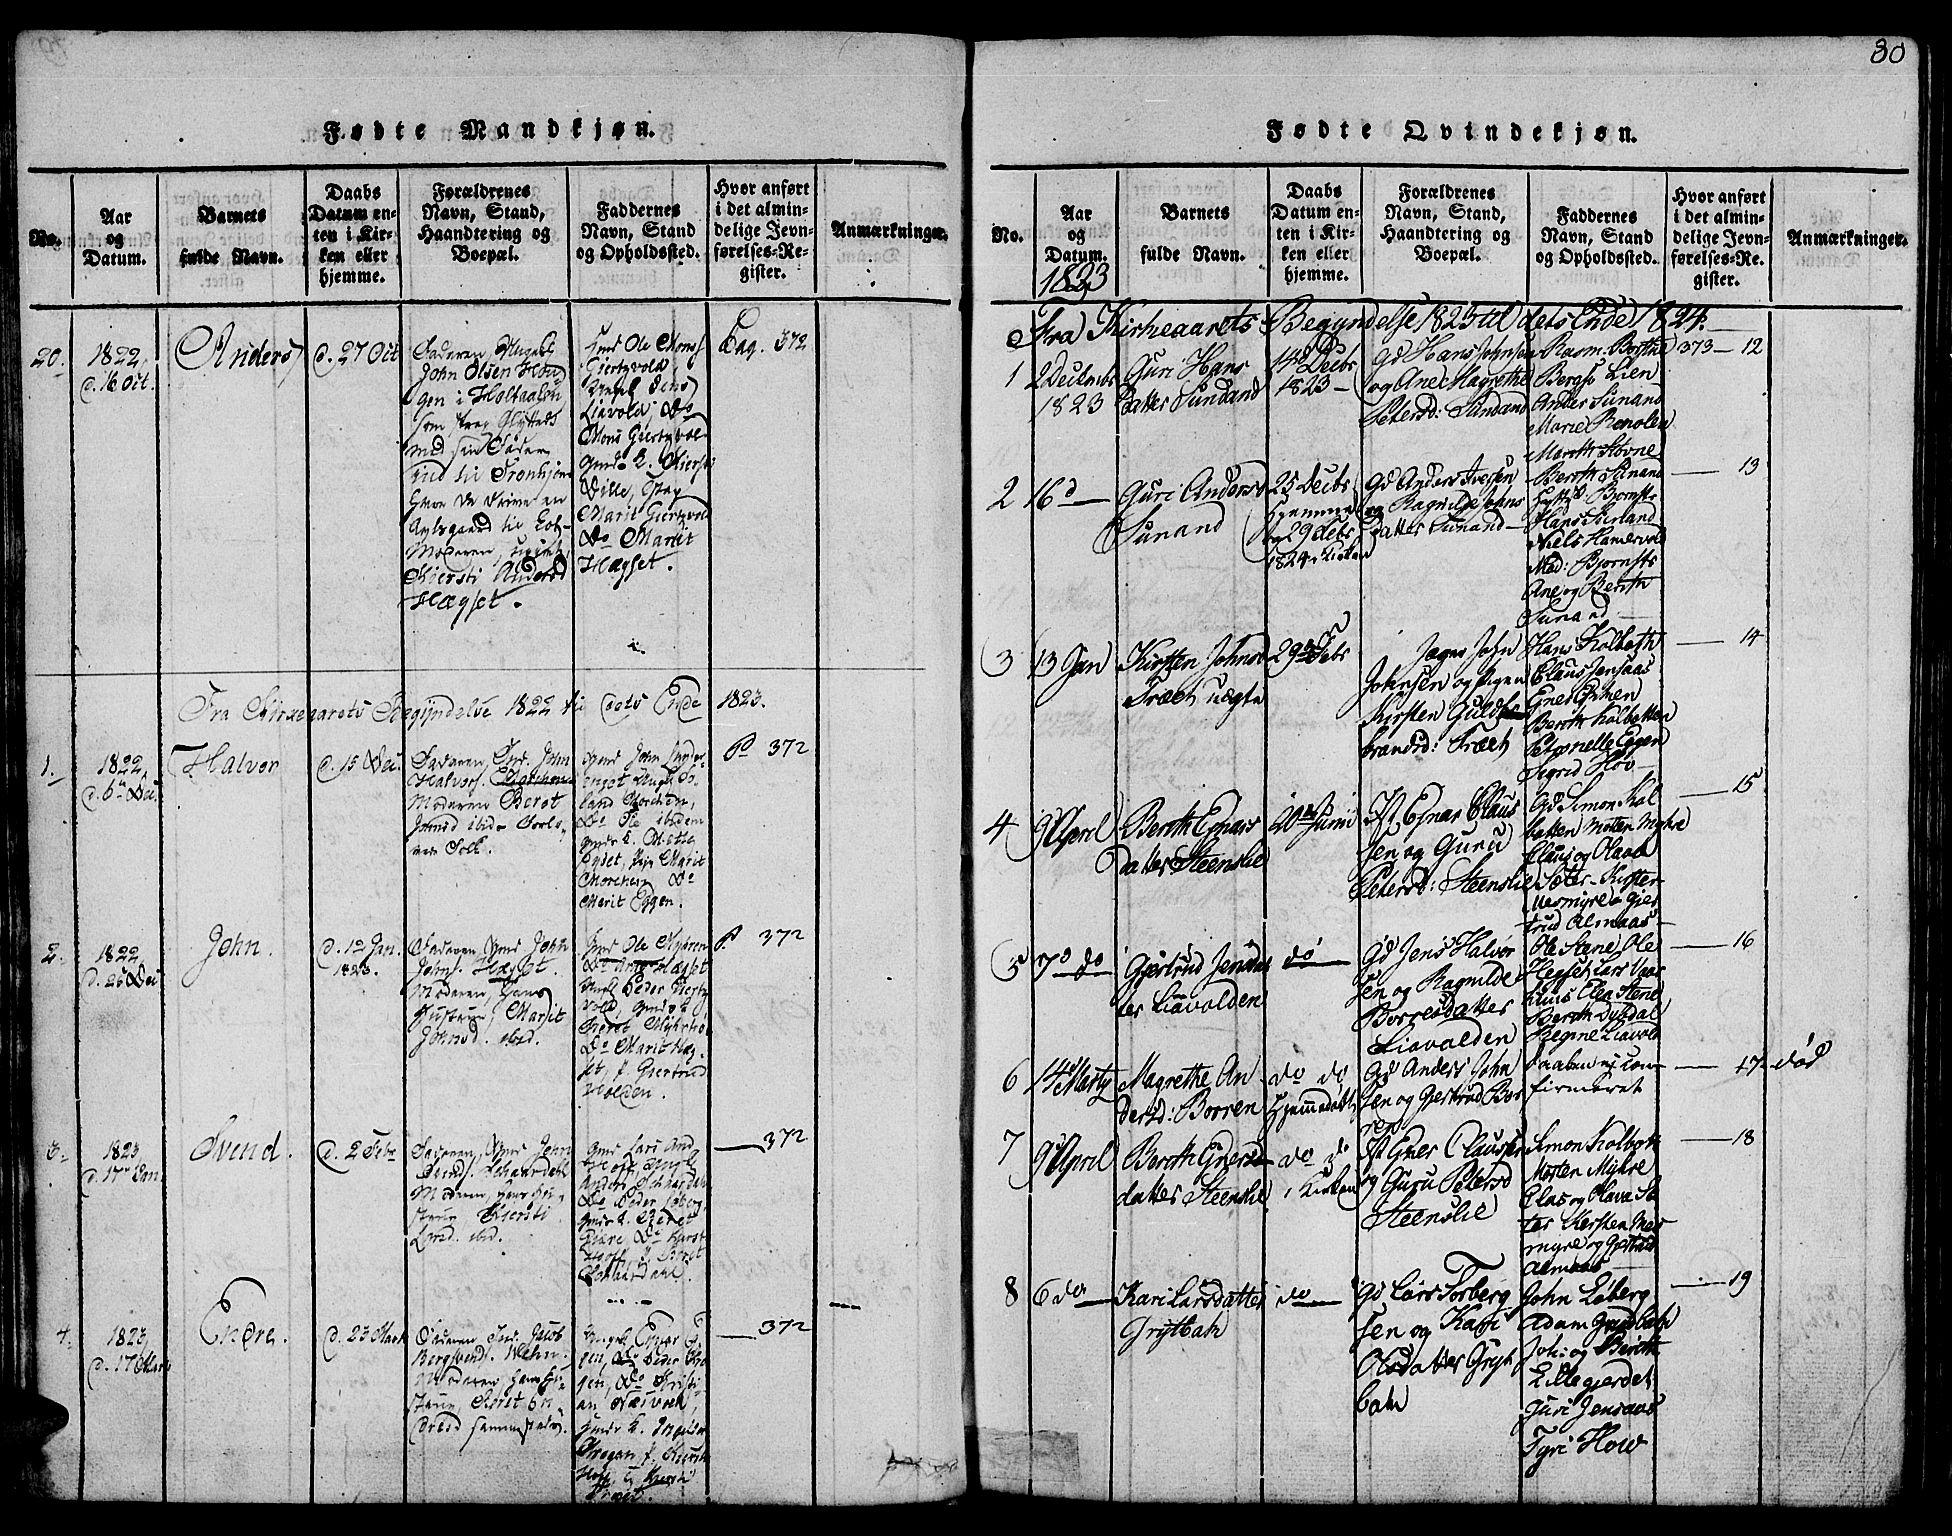 SAT, Ministerialprotokoller, klokkerbøker og fødselsregistre - Sør-Trøndelag, 685/L0956: Ministerialbok nr. 685A03 /3, 1817-1829, s. 80